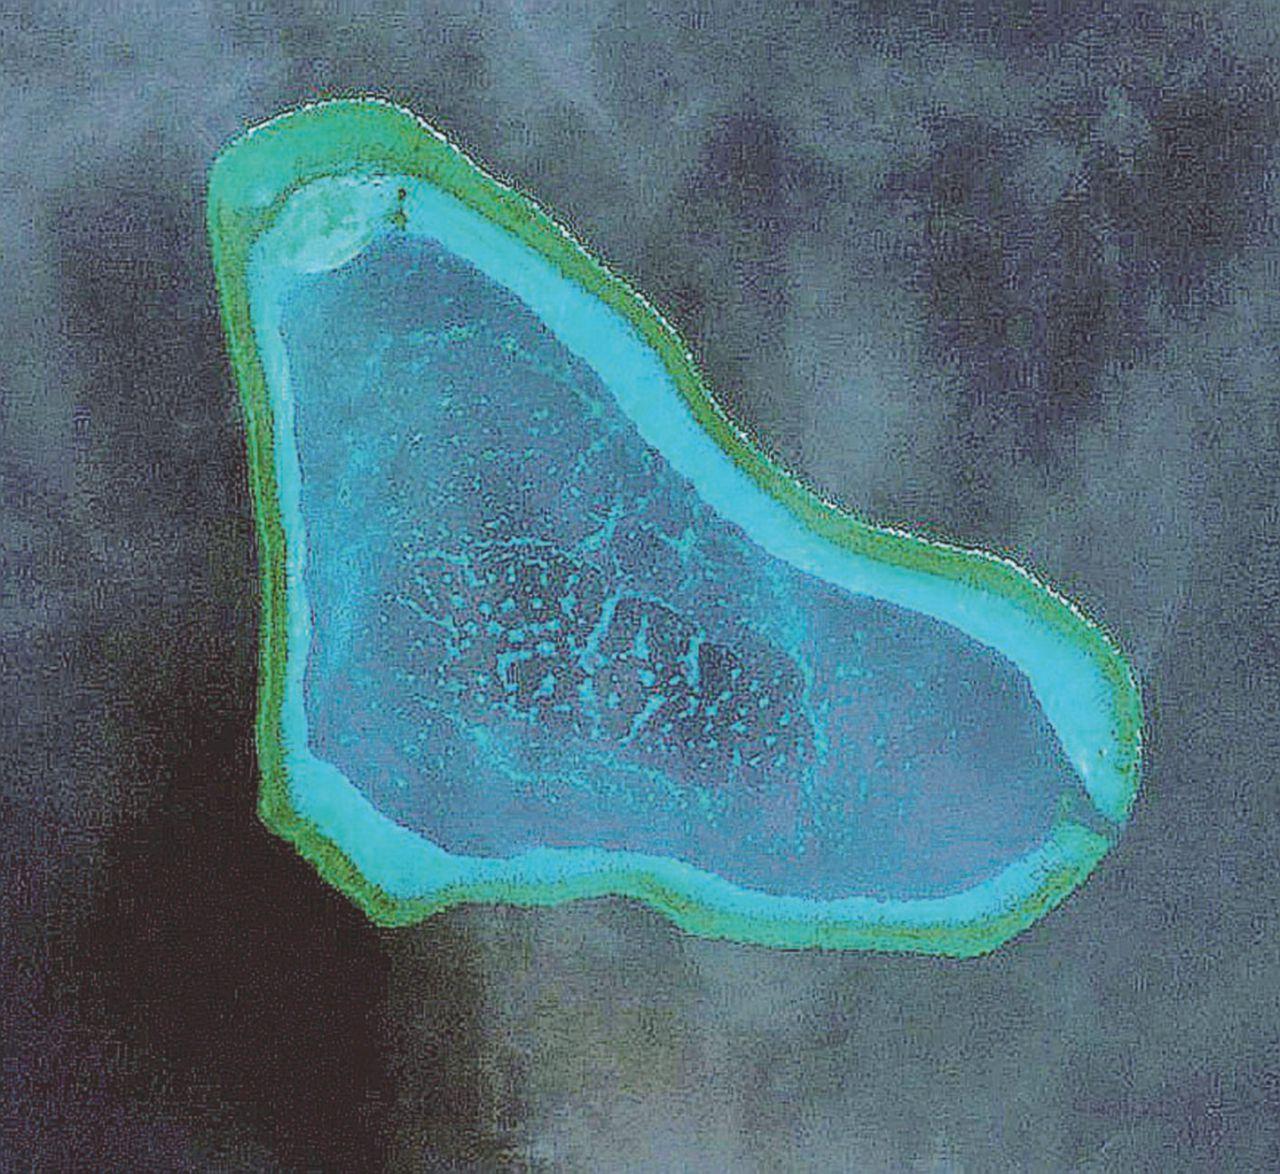 La Cina non può occupare le isole filippine